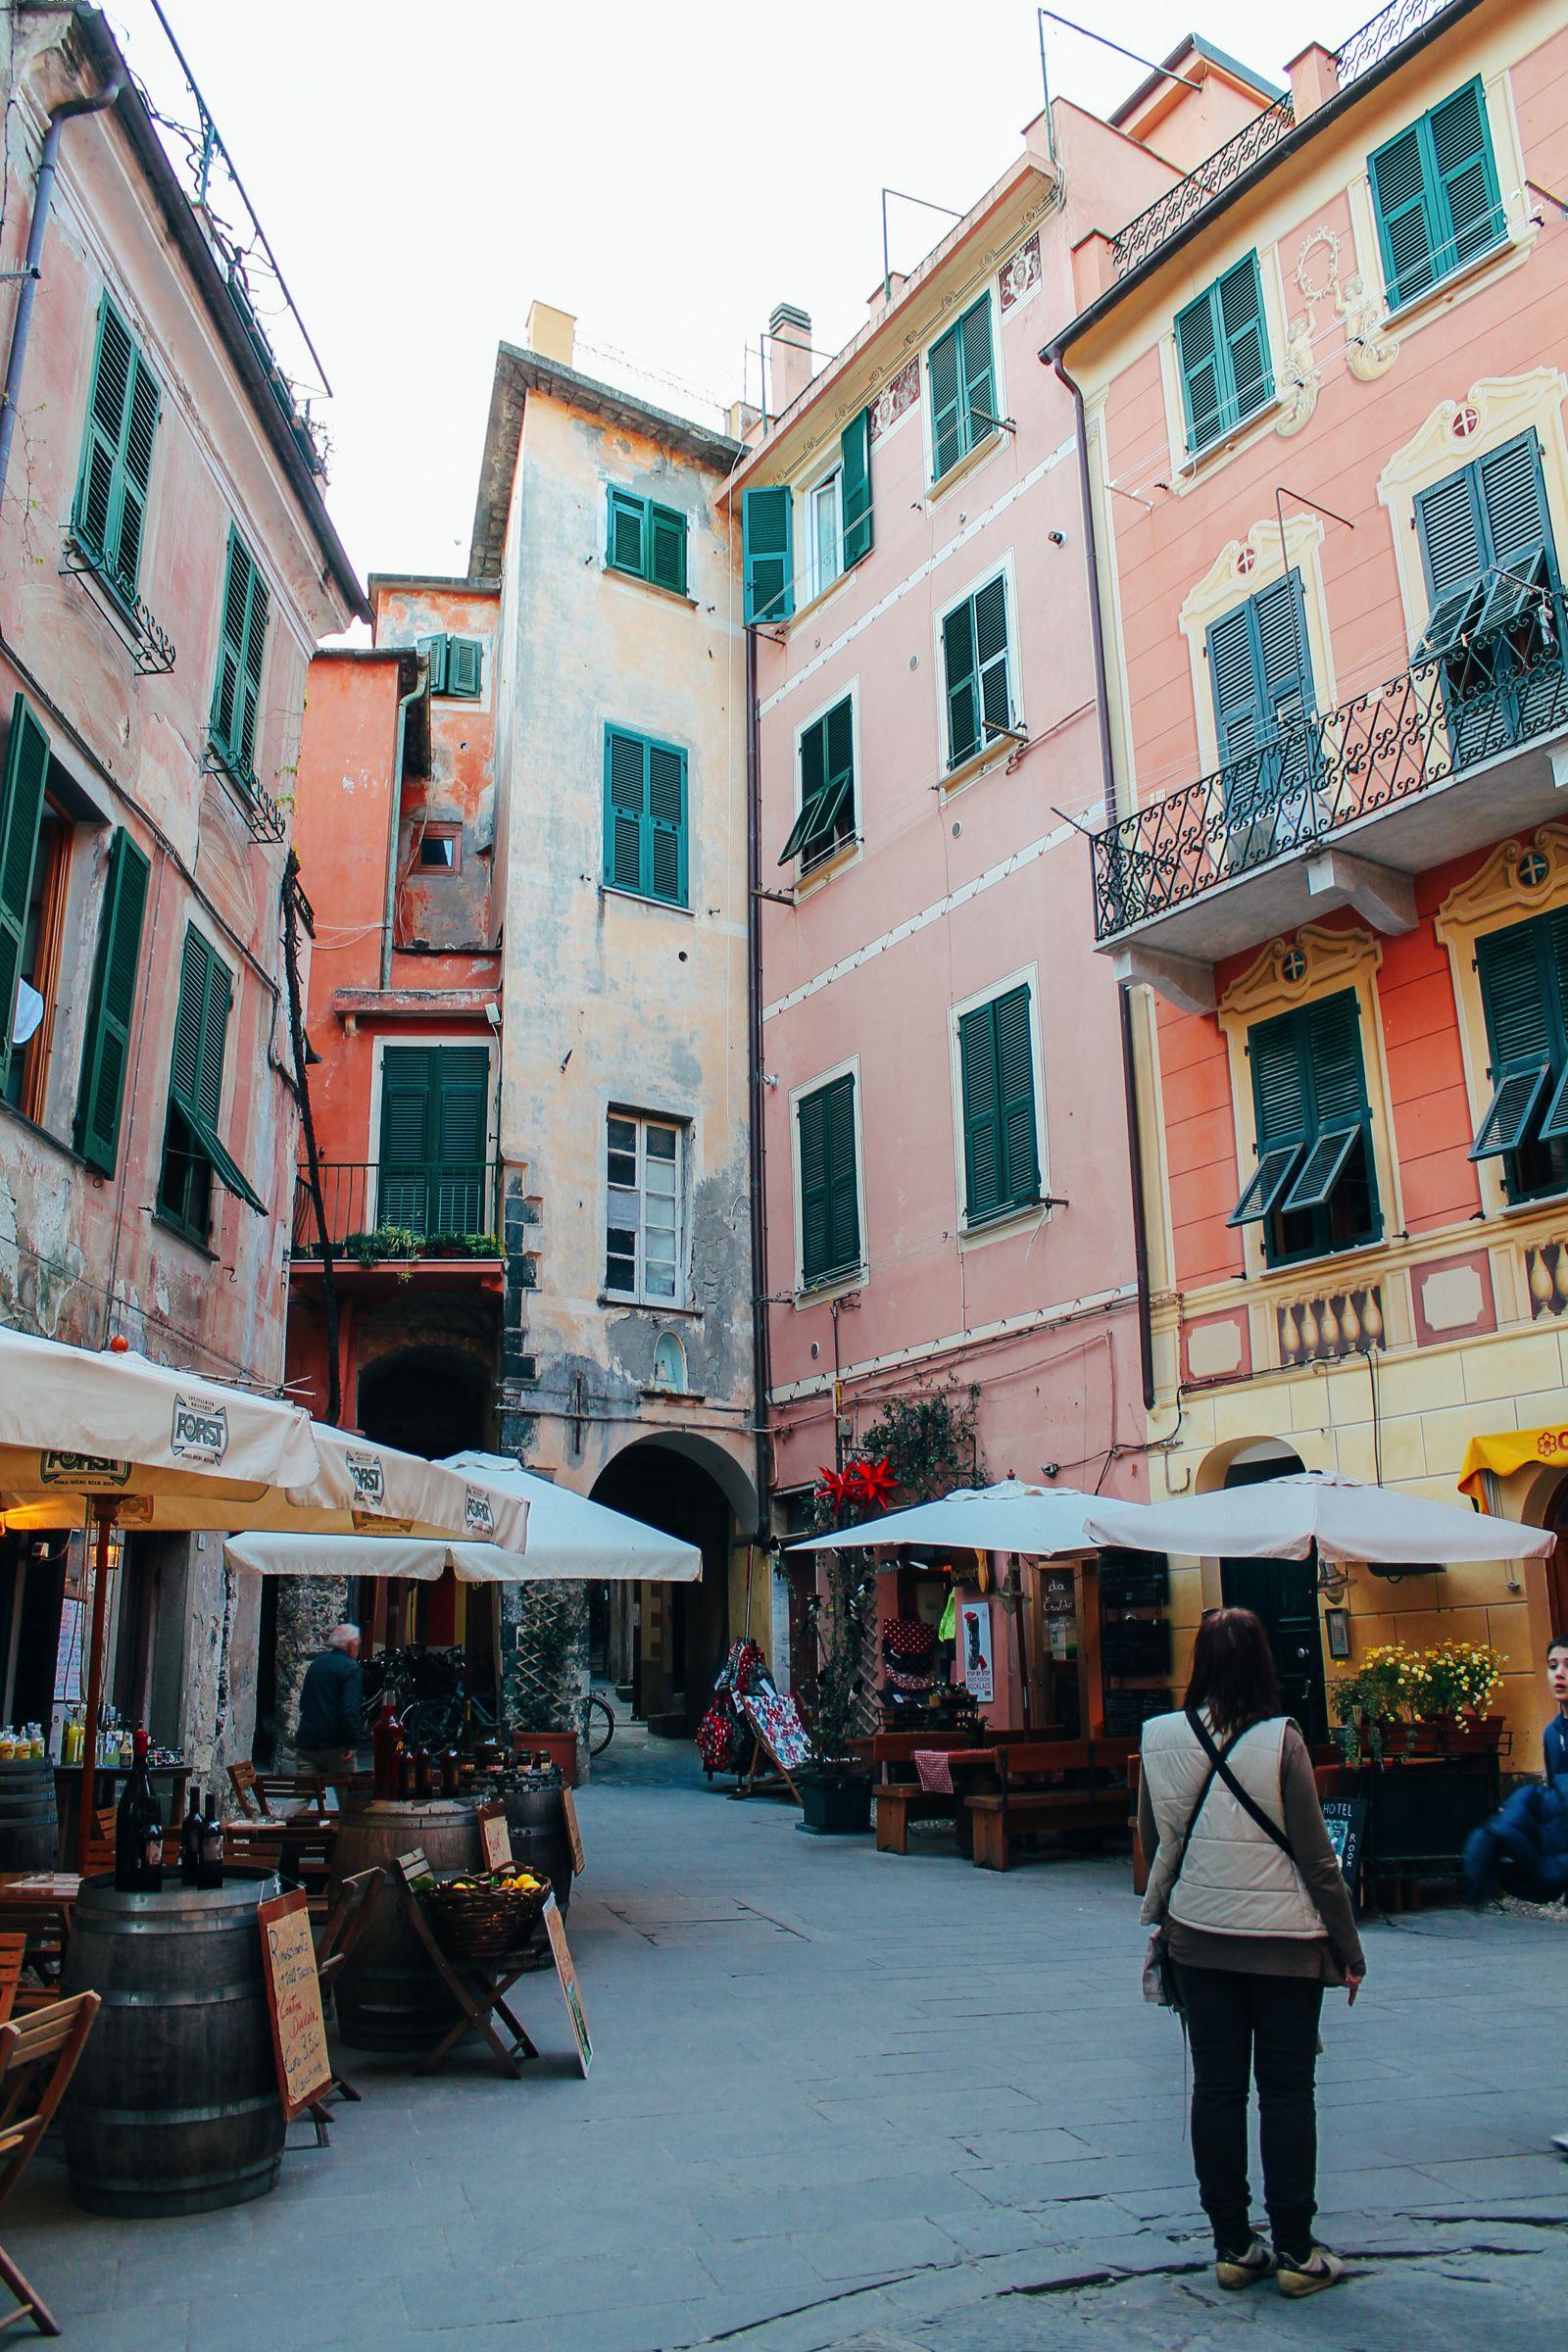 Monterosso al Mare in Cinque Terre, Italy - The Photo Diary! [5 of 5] (3)